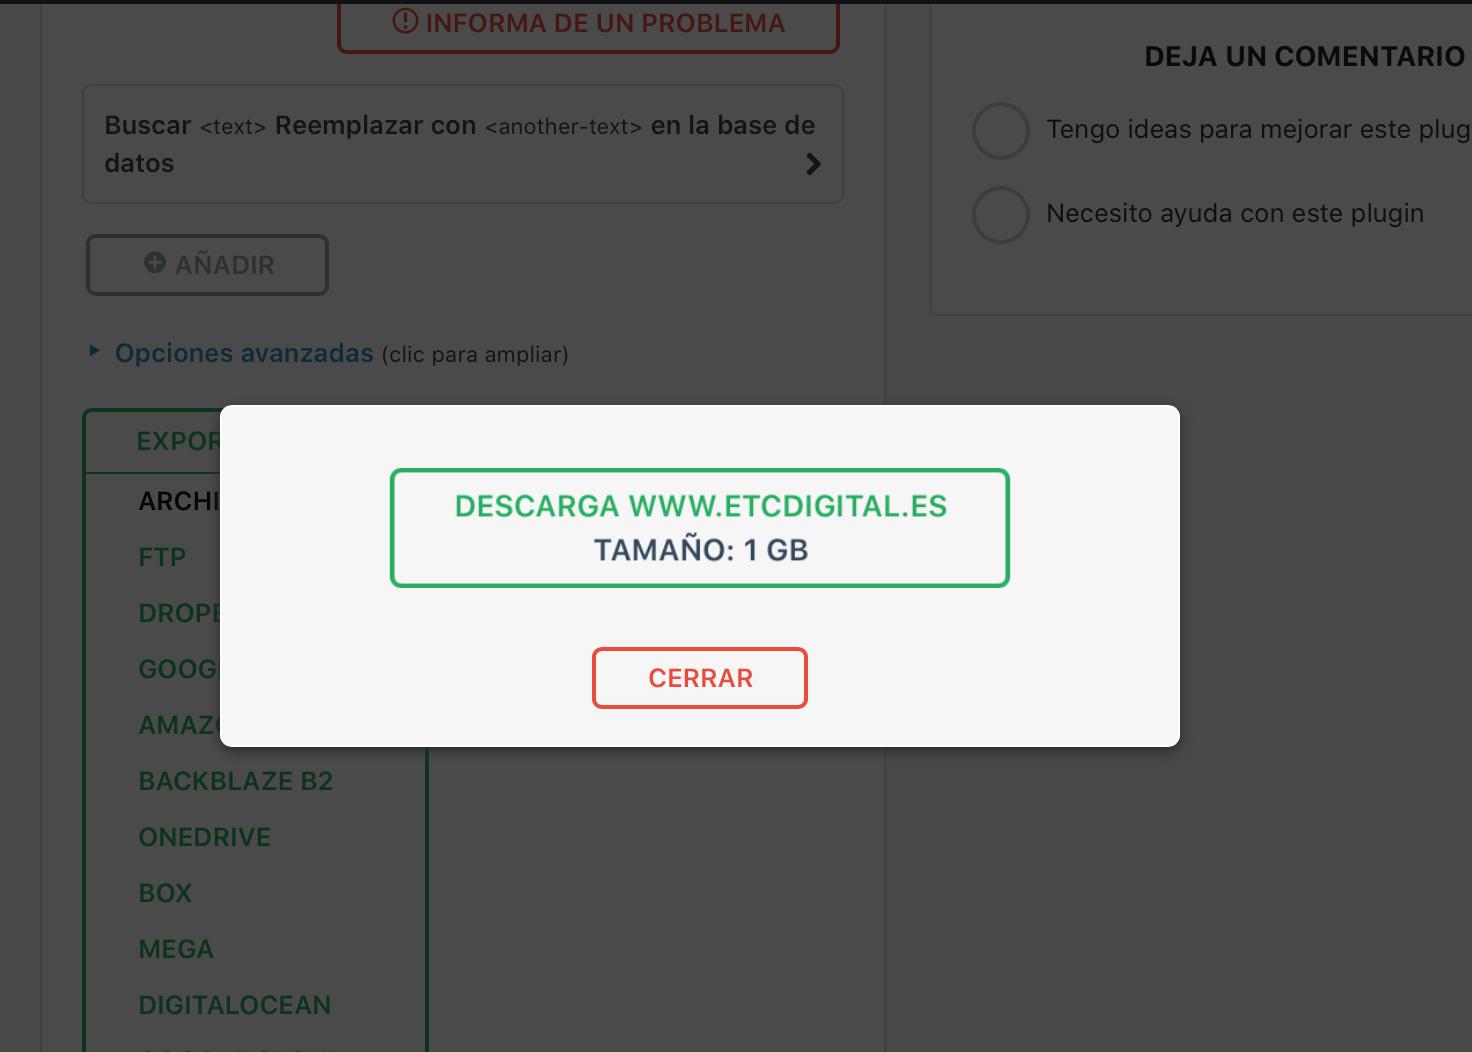 Descargar la copia de seguridad (opcional)